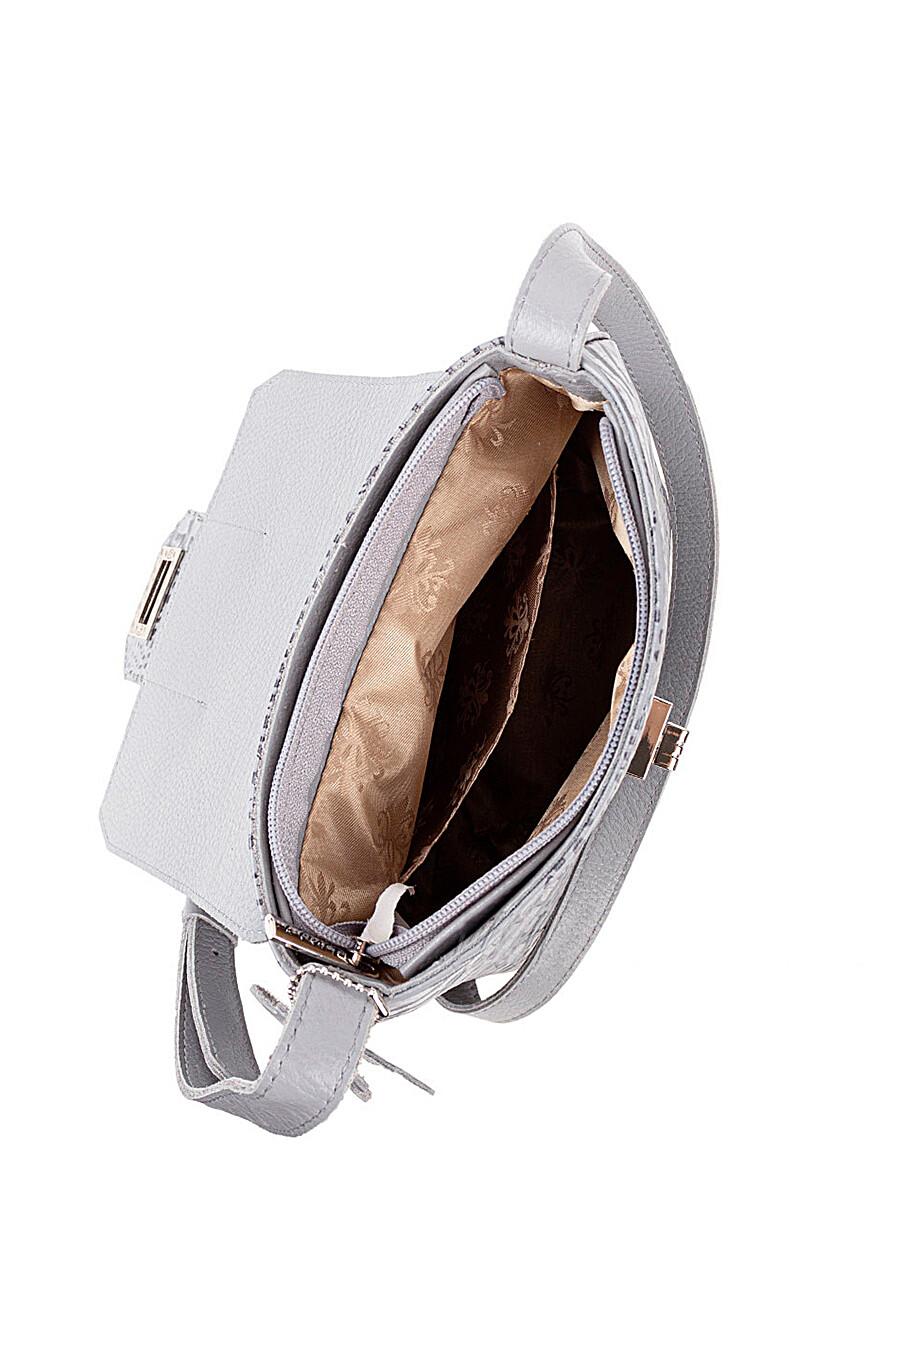 Сумка для женщин L-CRAFT 667908 купить оптом от производителя. Совместная покупка женской одежды в OptMoyo